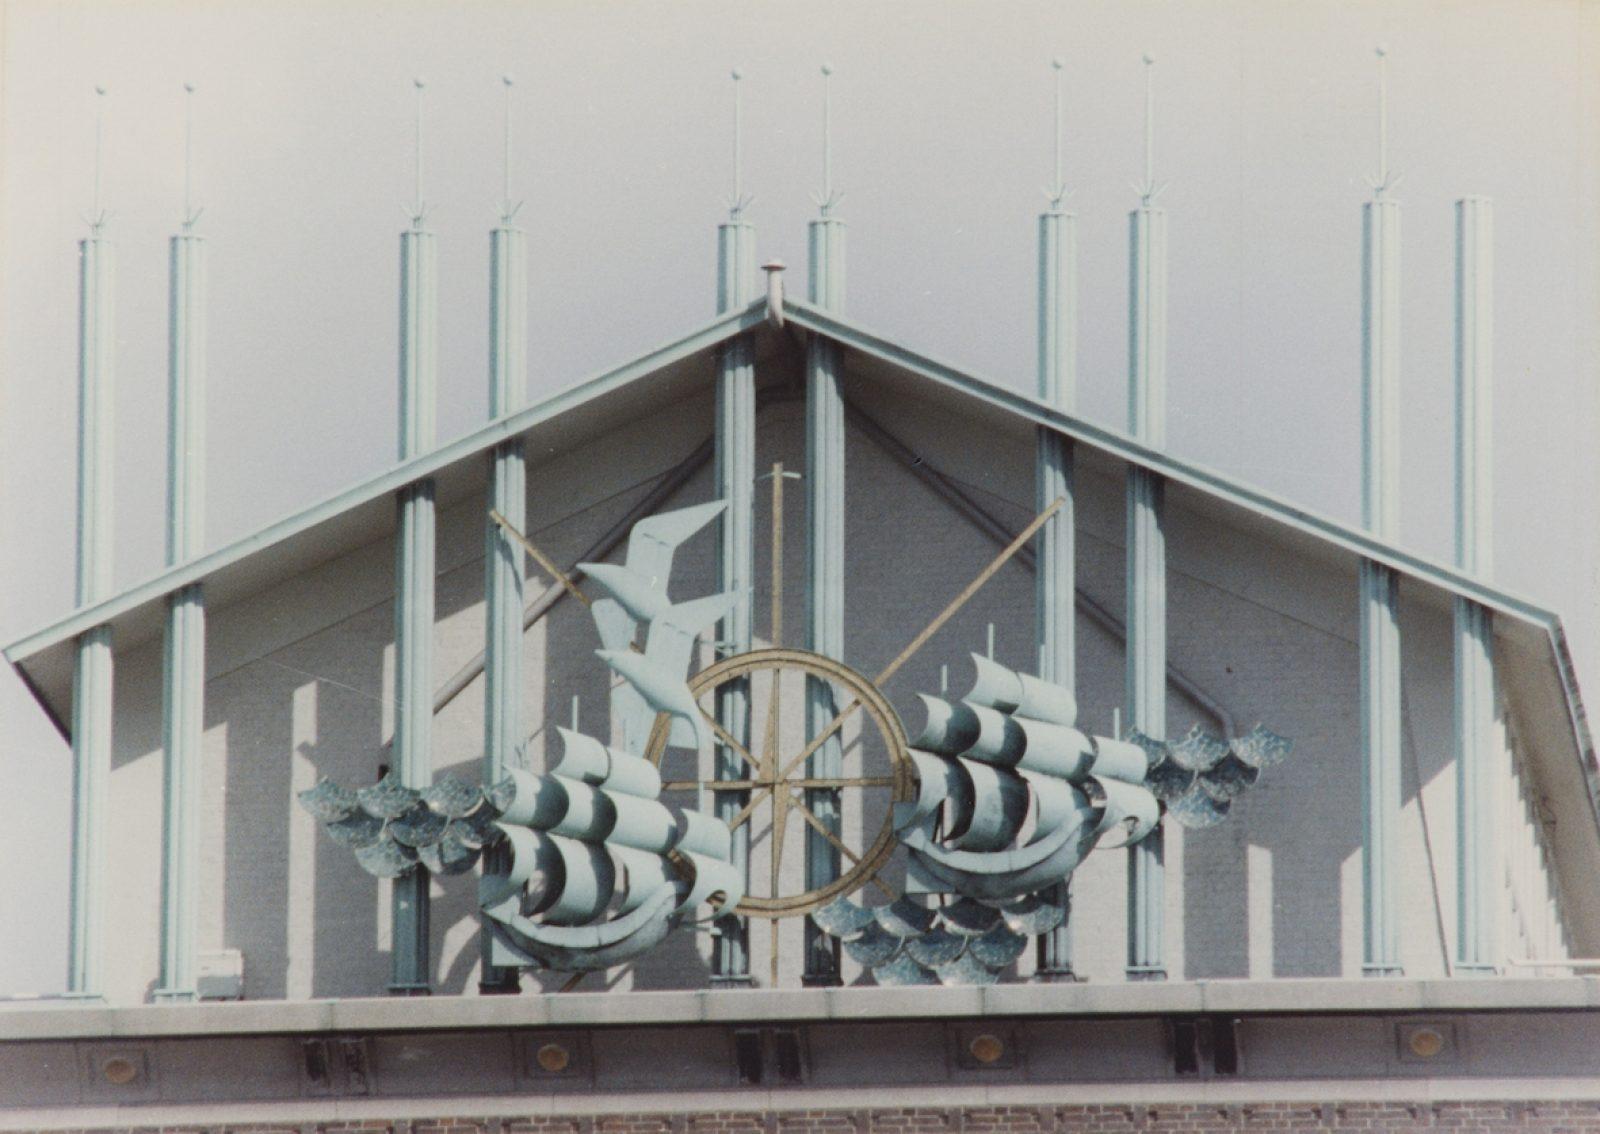 Nederlandschebank5